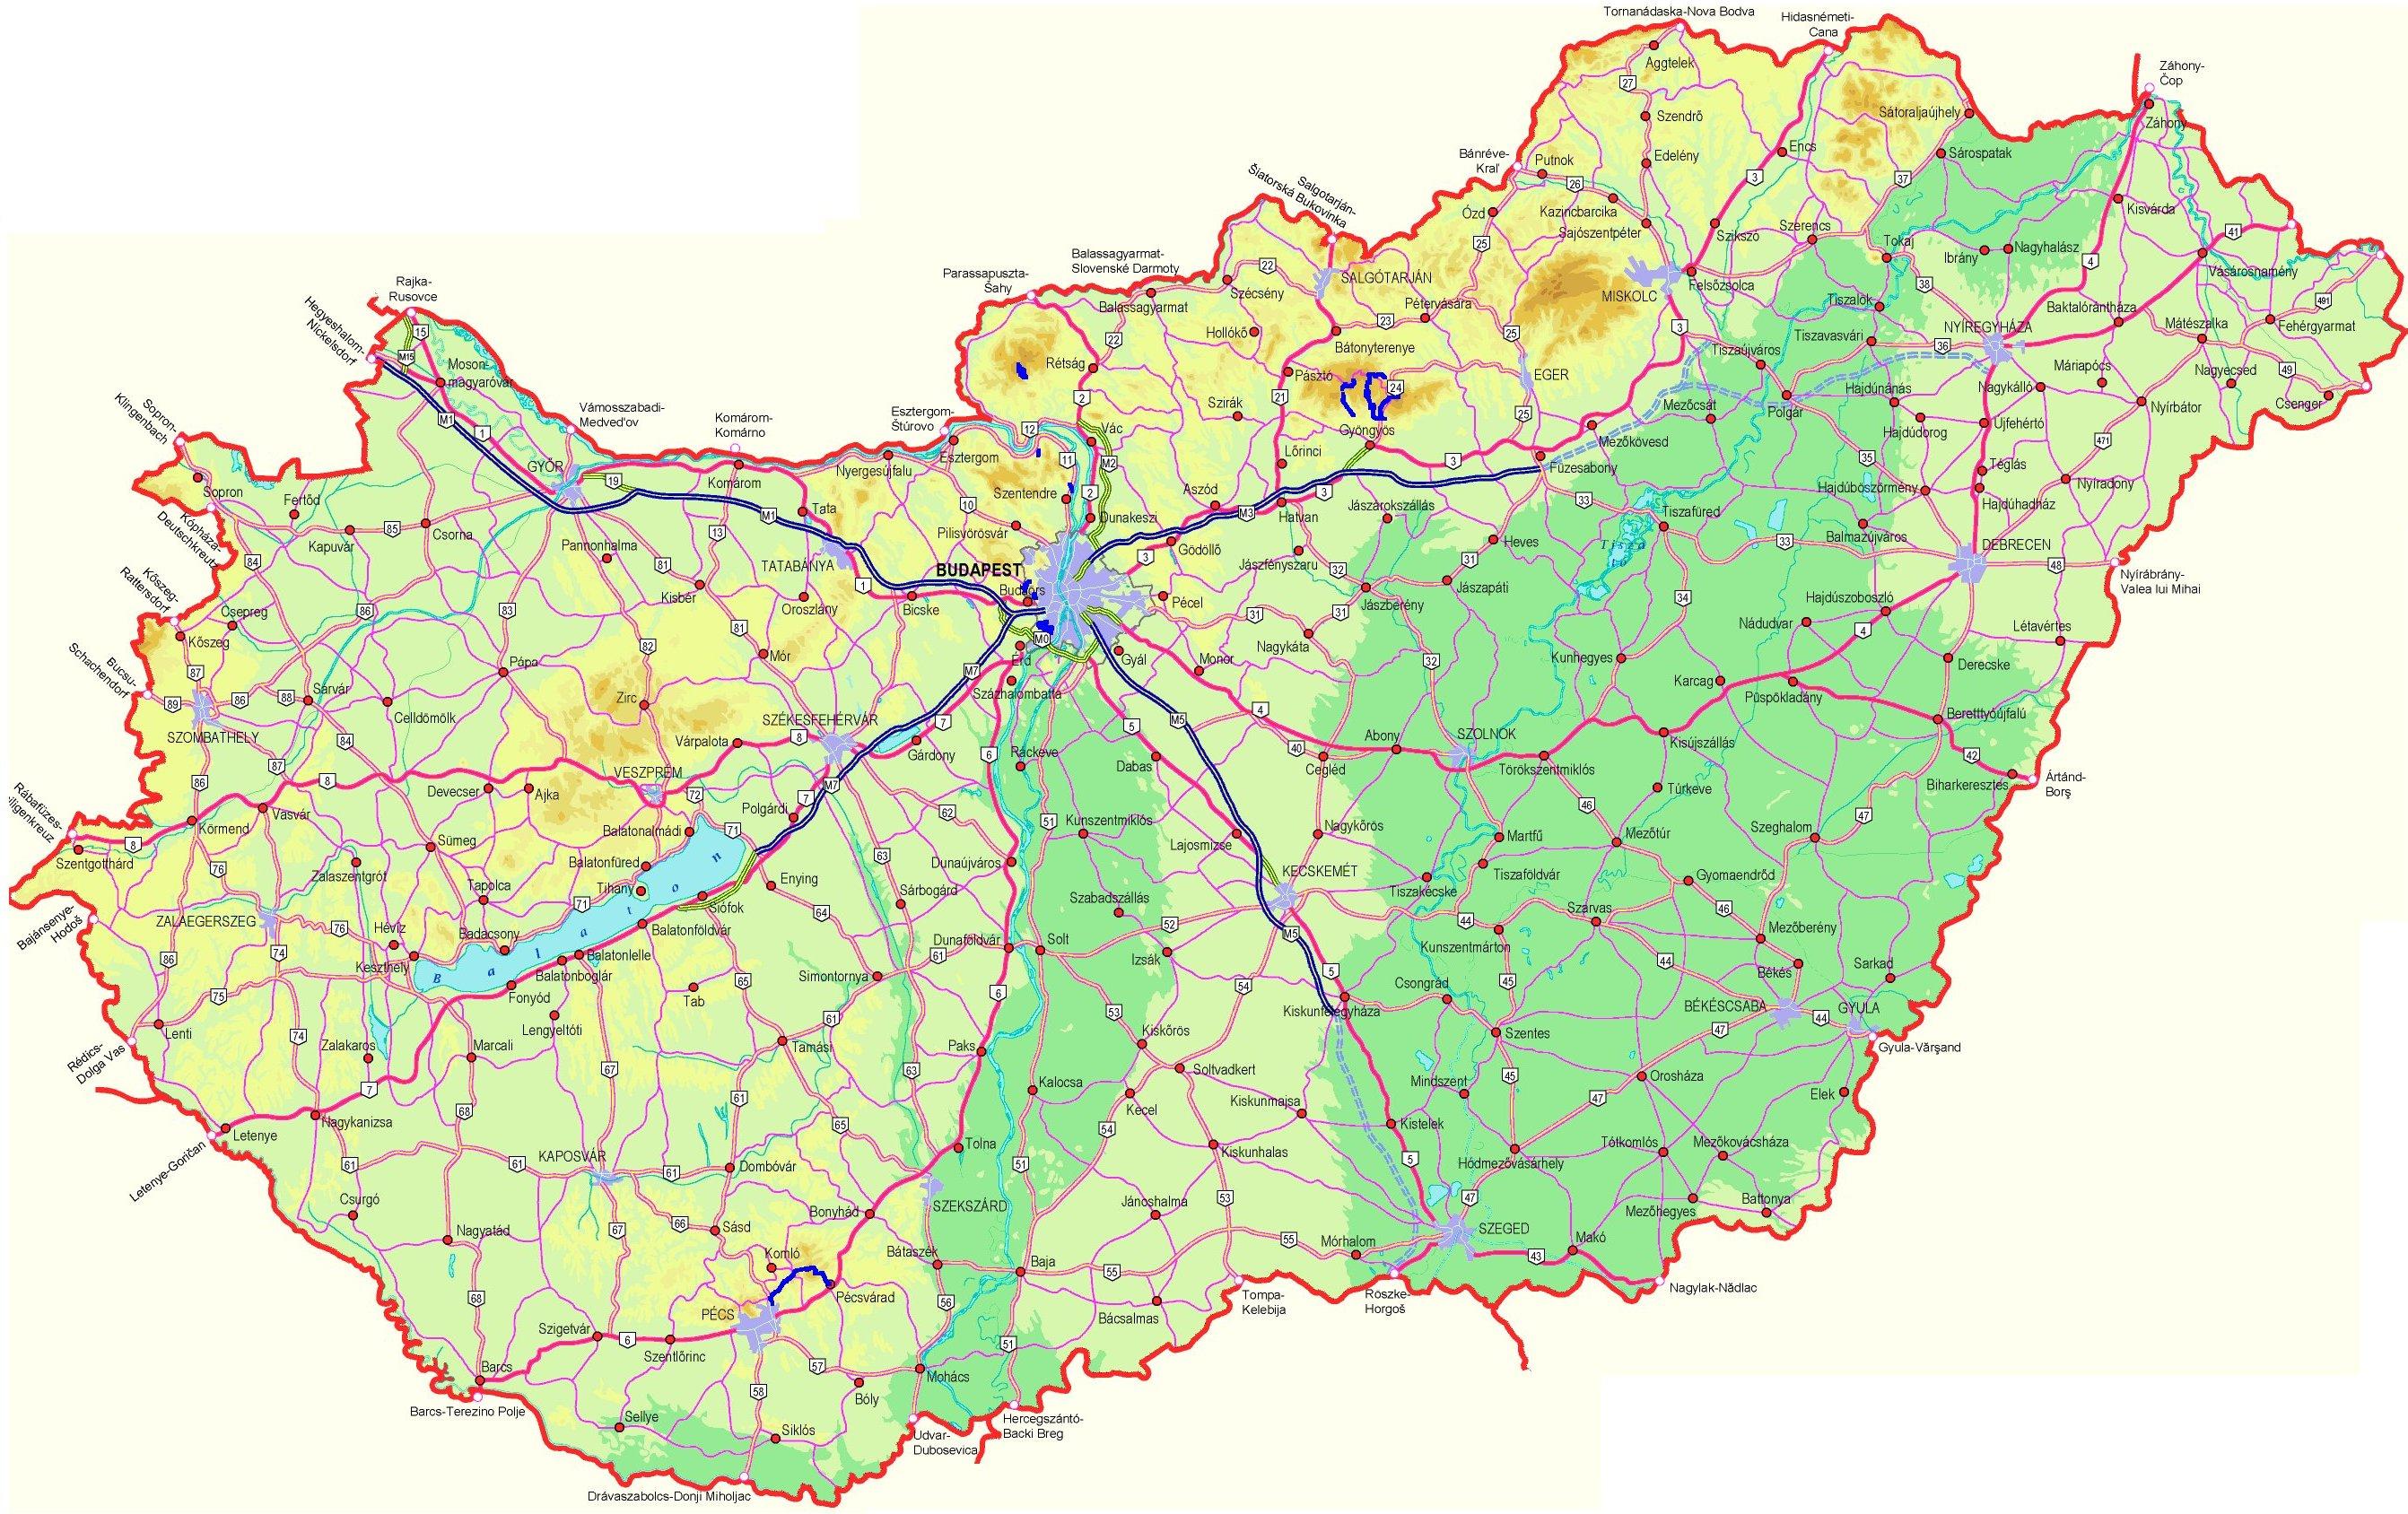 gps magyarország térkép letöltés 2014 PÉCS   GYALOGLÁS A MECSEKBEN gps magyarország térkép letöltés 2014